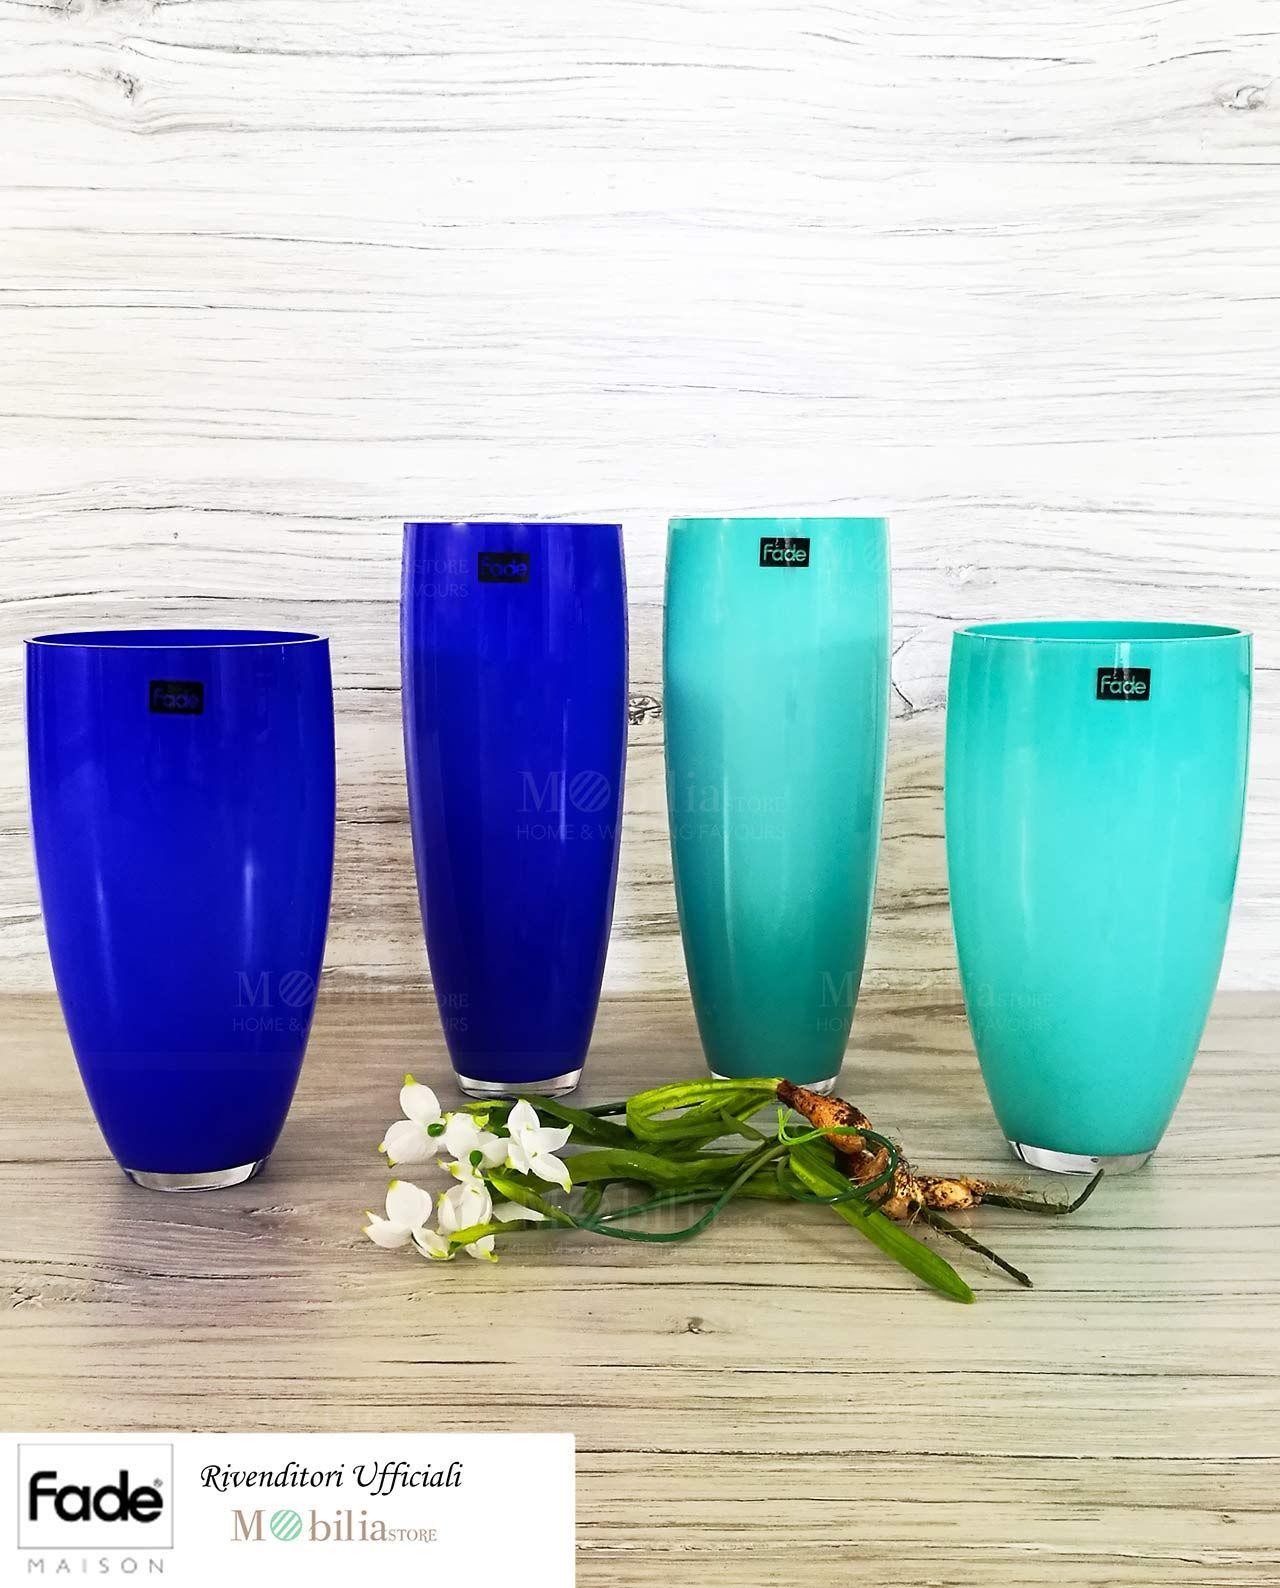 Meravigliosi vasi vetro colorato fade maison esclusivi for Vasi complementi d arredo